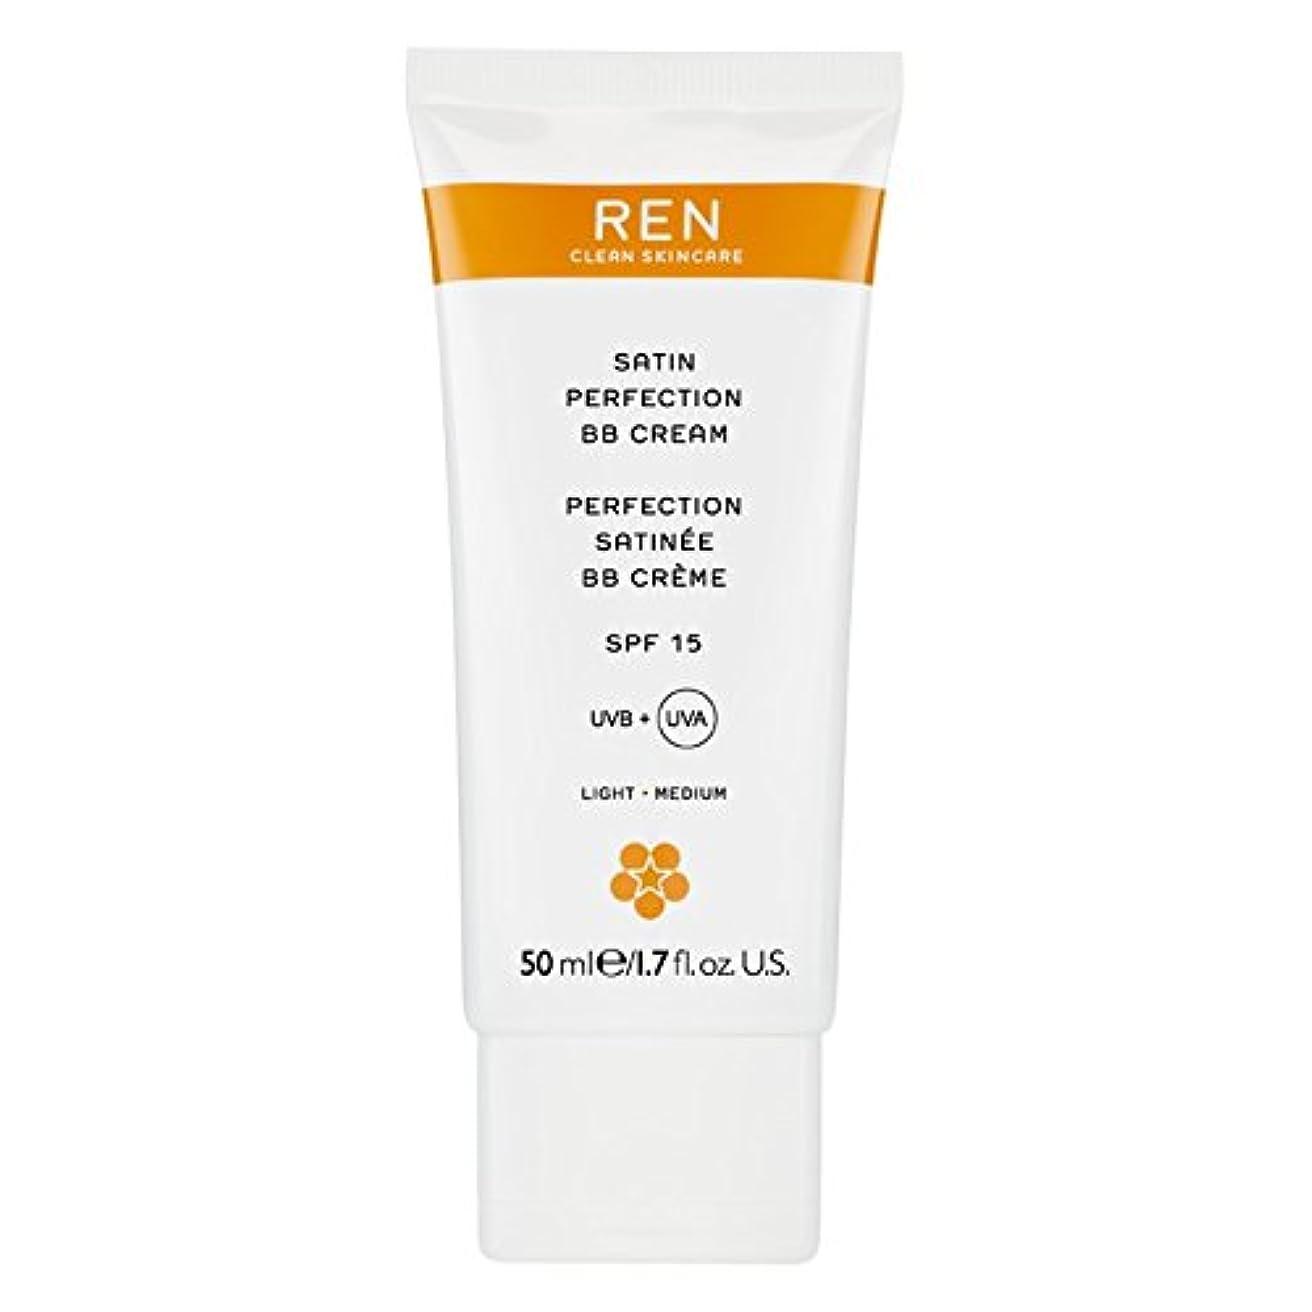 肥料修羅場アクセルRenサテン完璧Bbクリーム50ミリリットル (REN) (x6) - REN Satin Perfection BB Cream 50ml (Pack of 6) [並行輸入品]